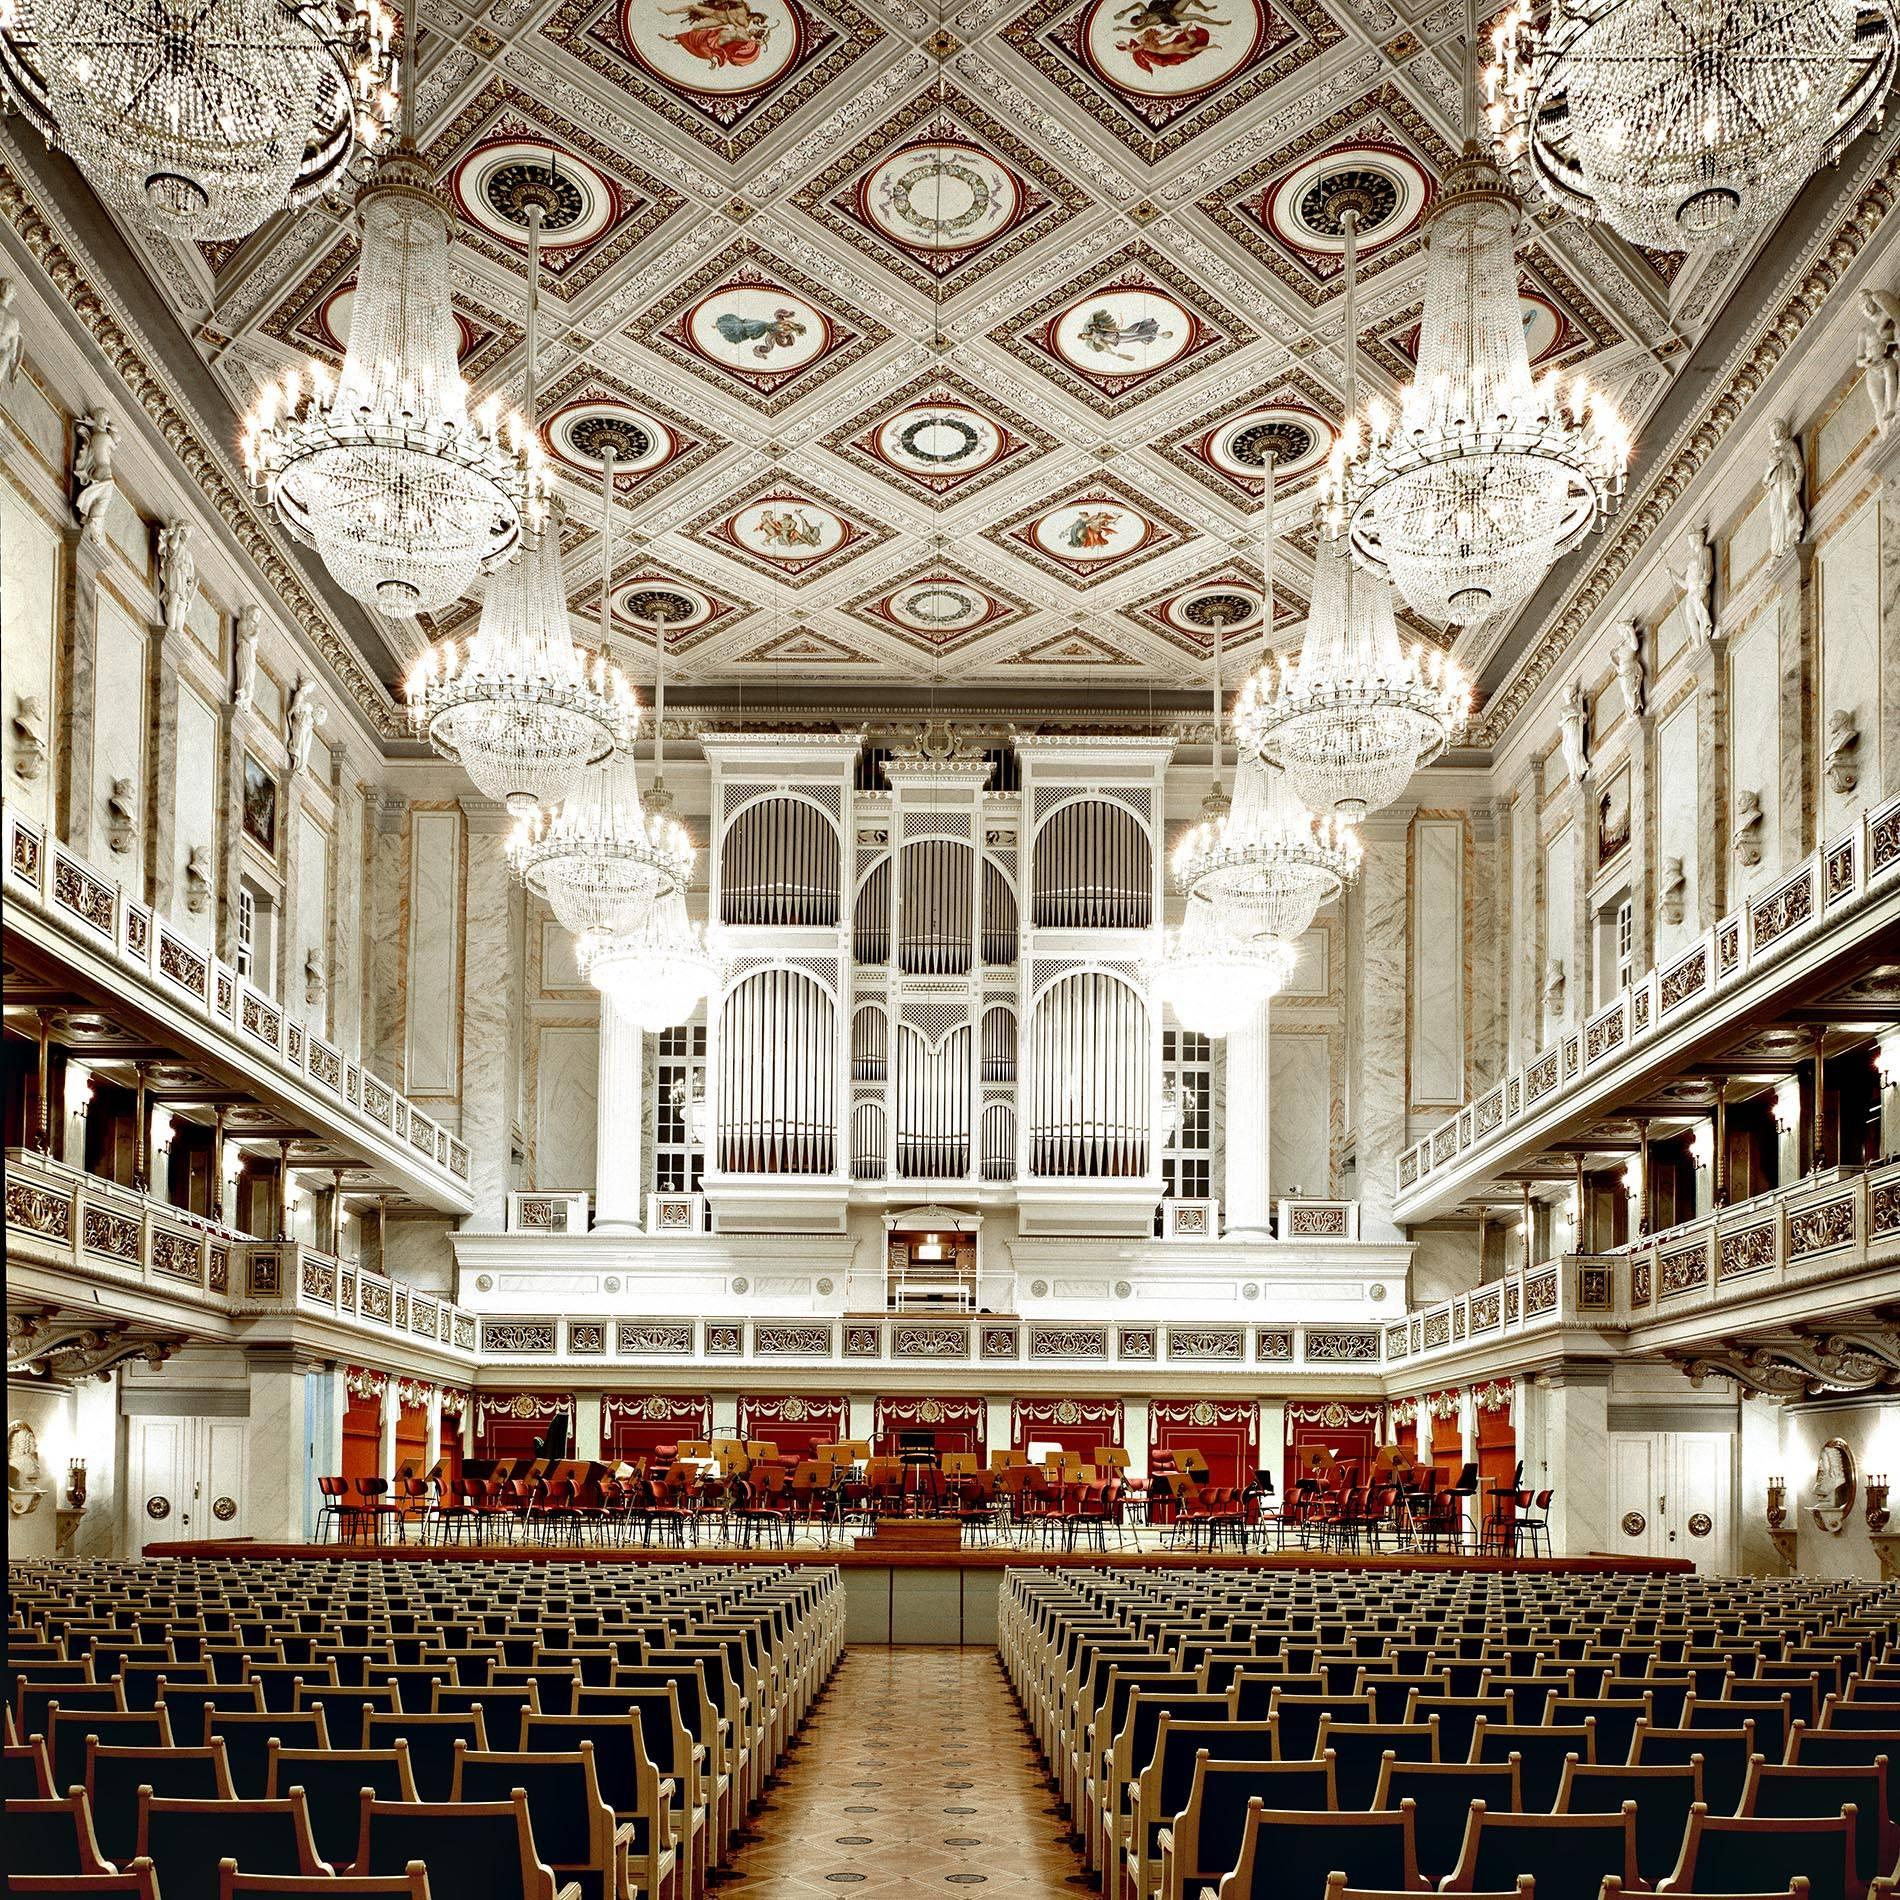 Немецкая опера (дойче опер) в берлине (deutsche oper berlin) | belcanto.ru